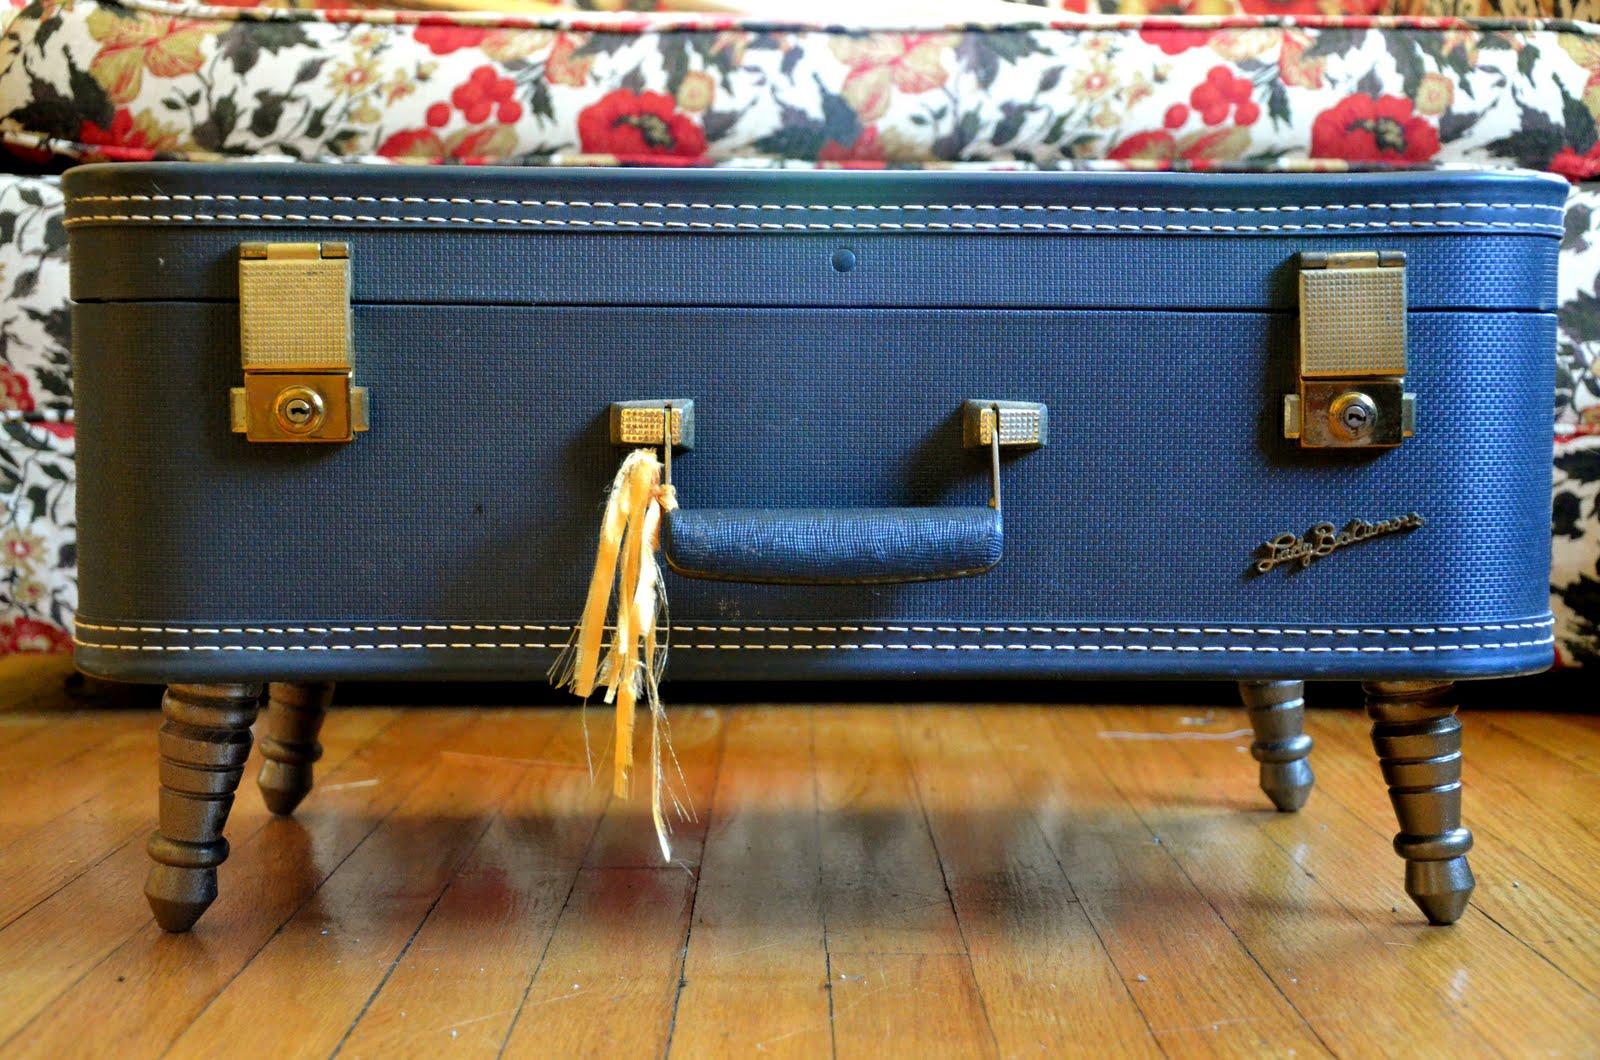 Maletas vintage: 3 proyectos DIY para reciclar maletas antiguas